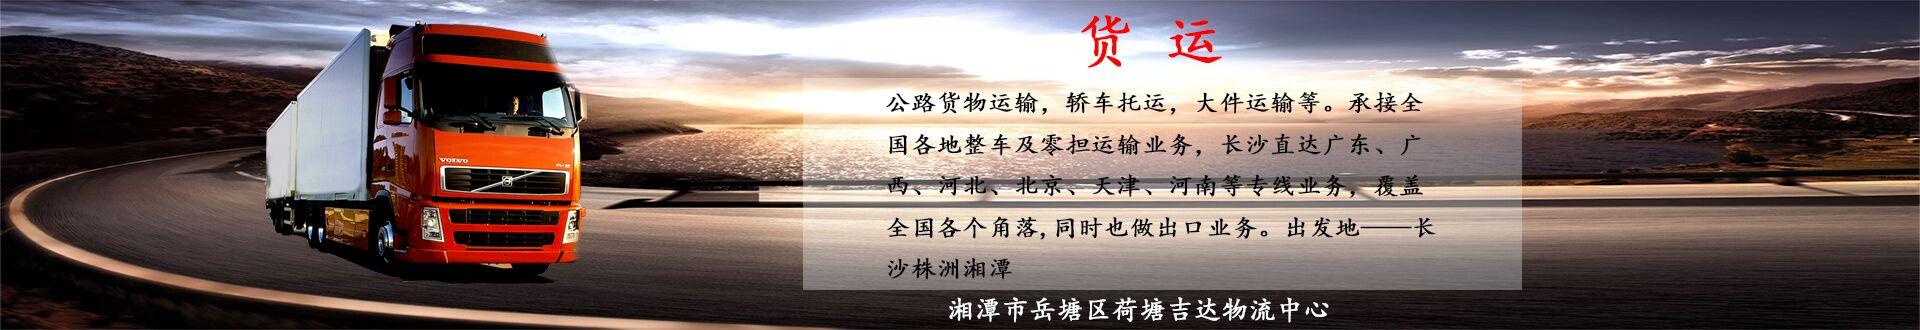 湘潭市岳塘区荷塘吉达物流中心